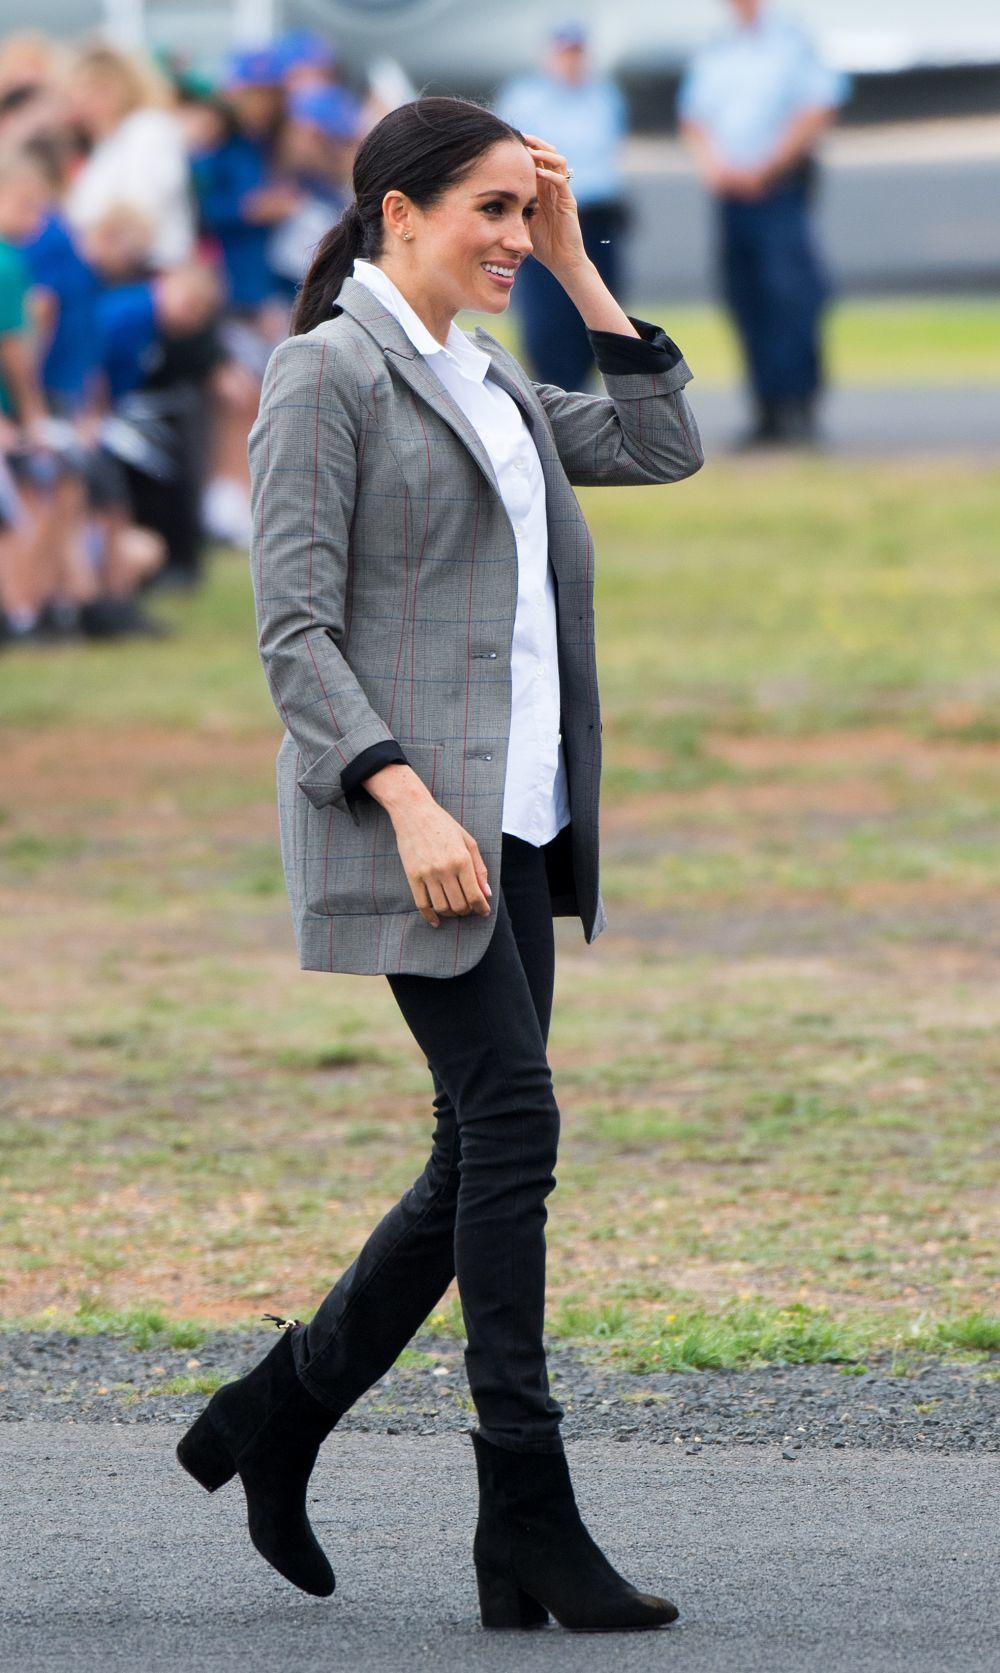 La Duquesa de Sussex, embarazada, con jeans negros y blazer.